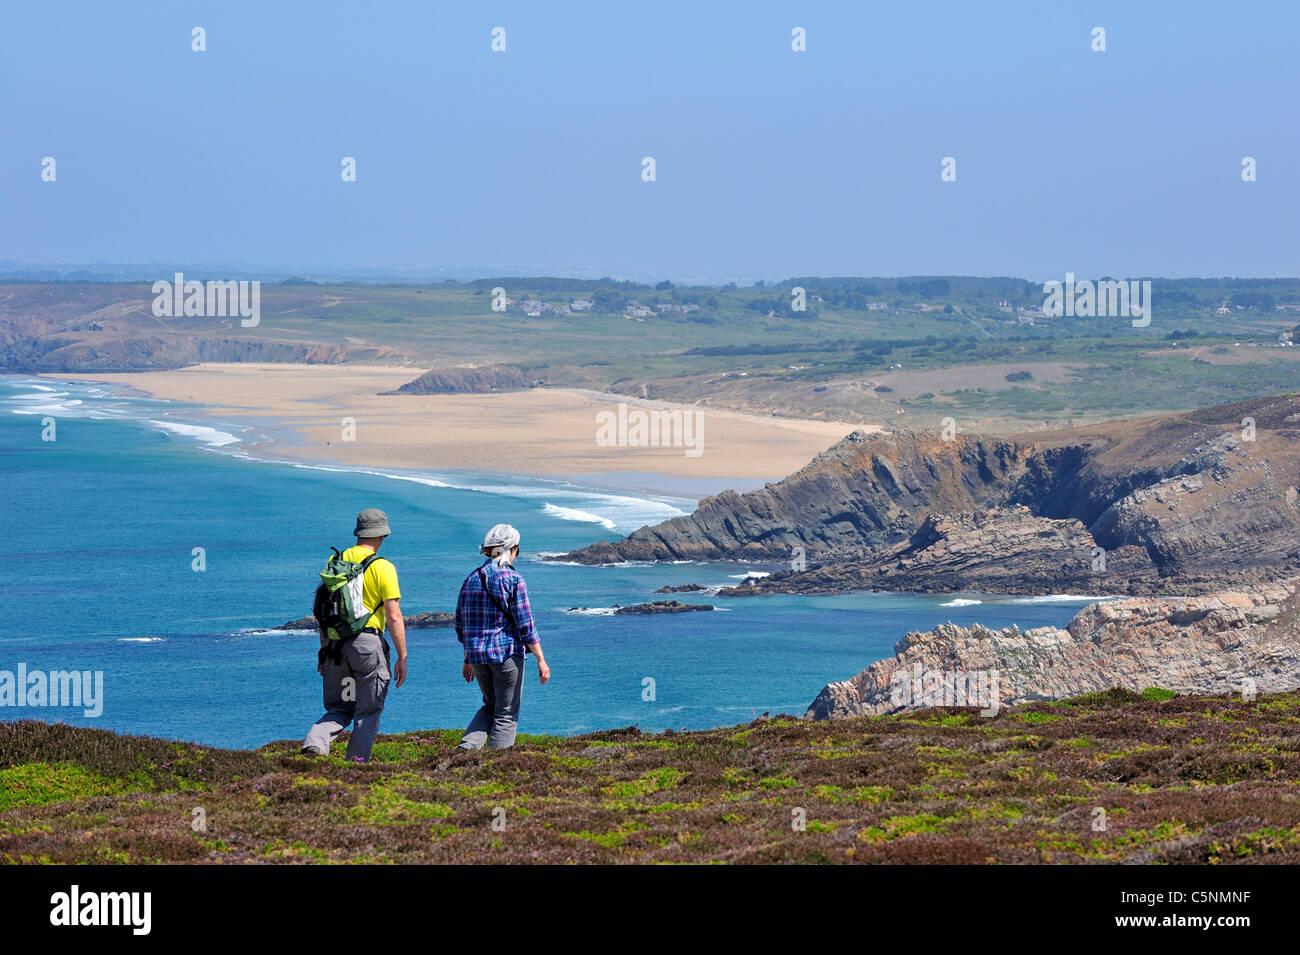 Hikers walking along the Cap de la Chèvre coastline, Finistère, Brittany, France - Stock Image